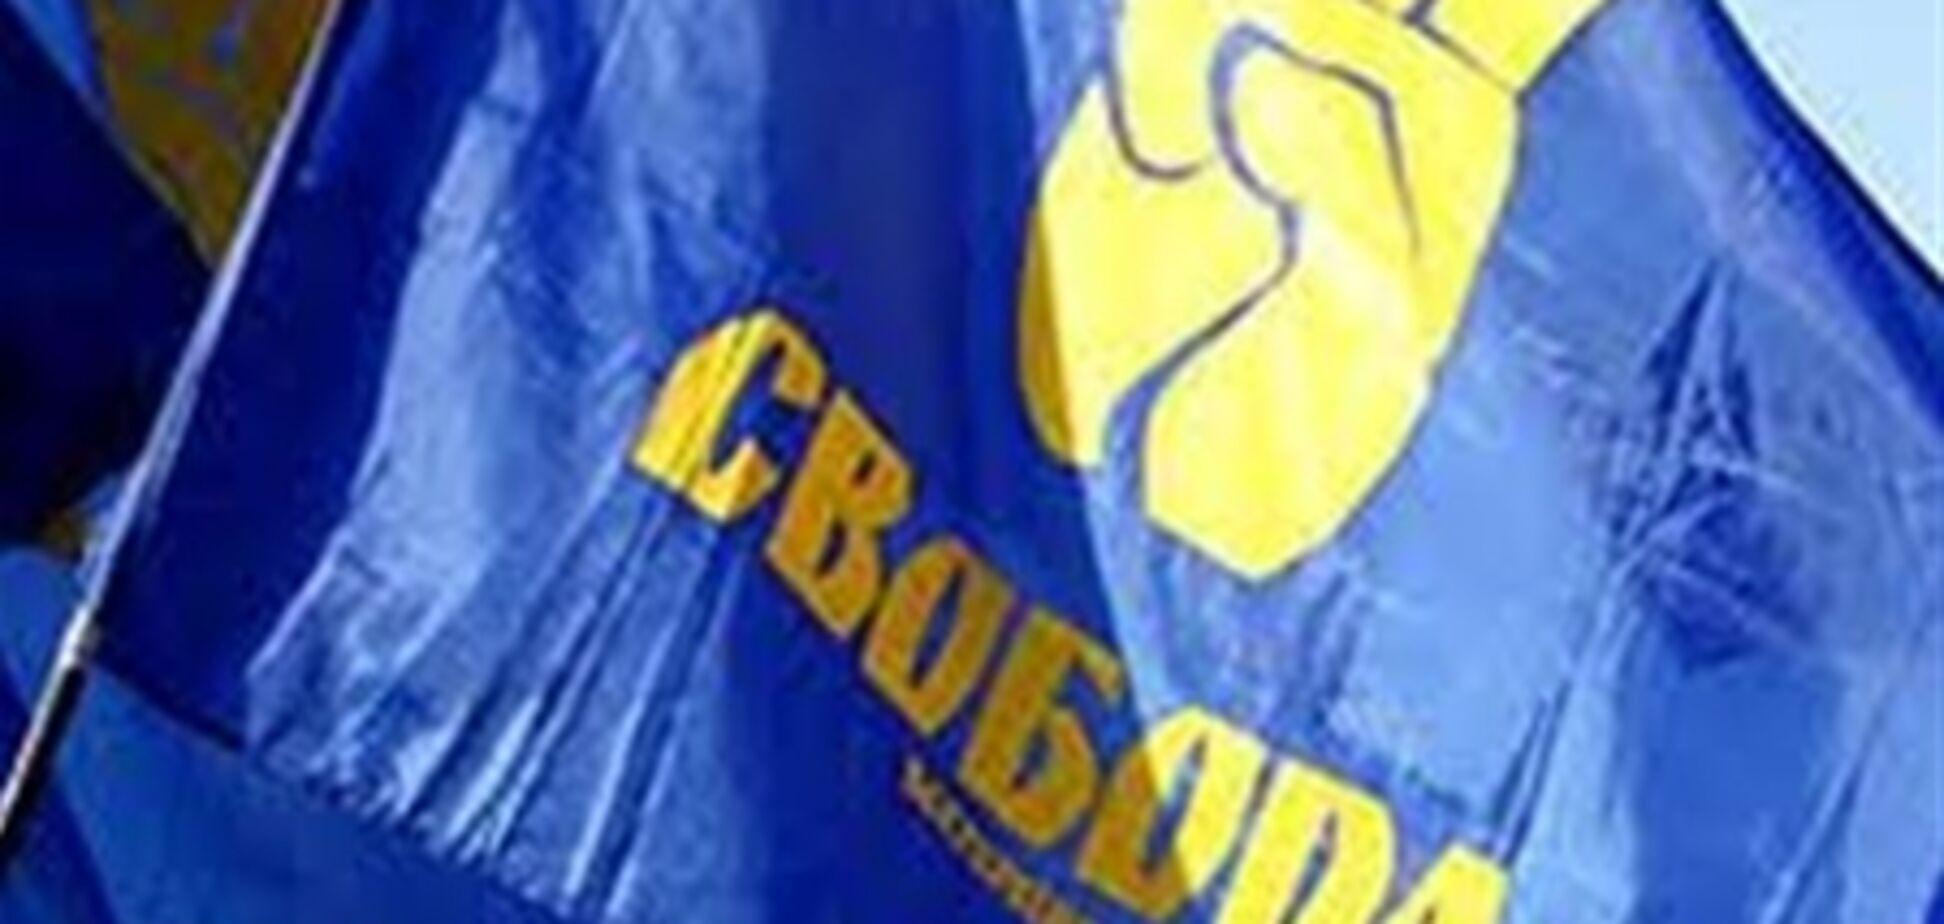 Листівки з погрозами свободівцям на Кіровоградщині розклеював пенсіонер